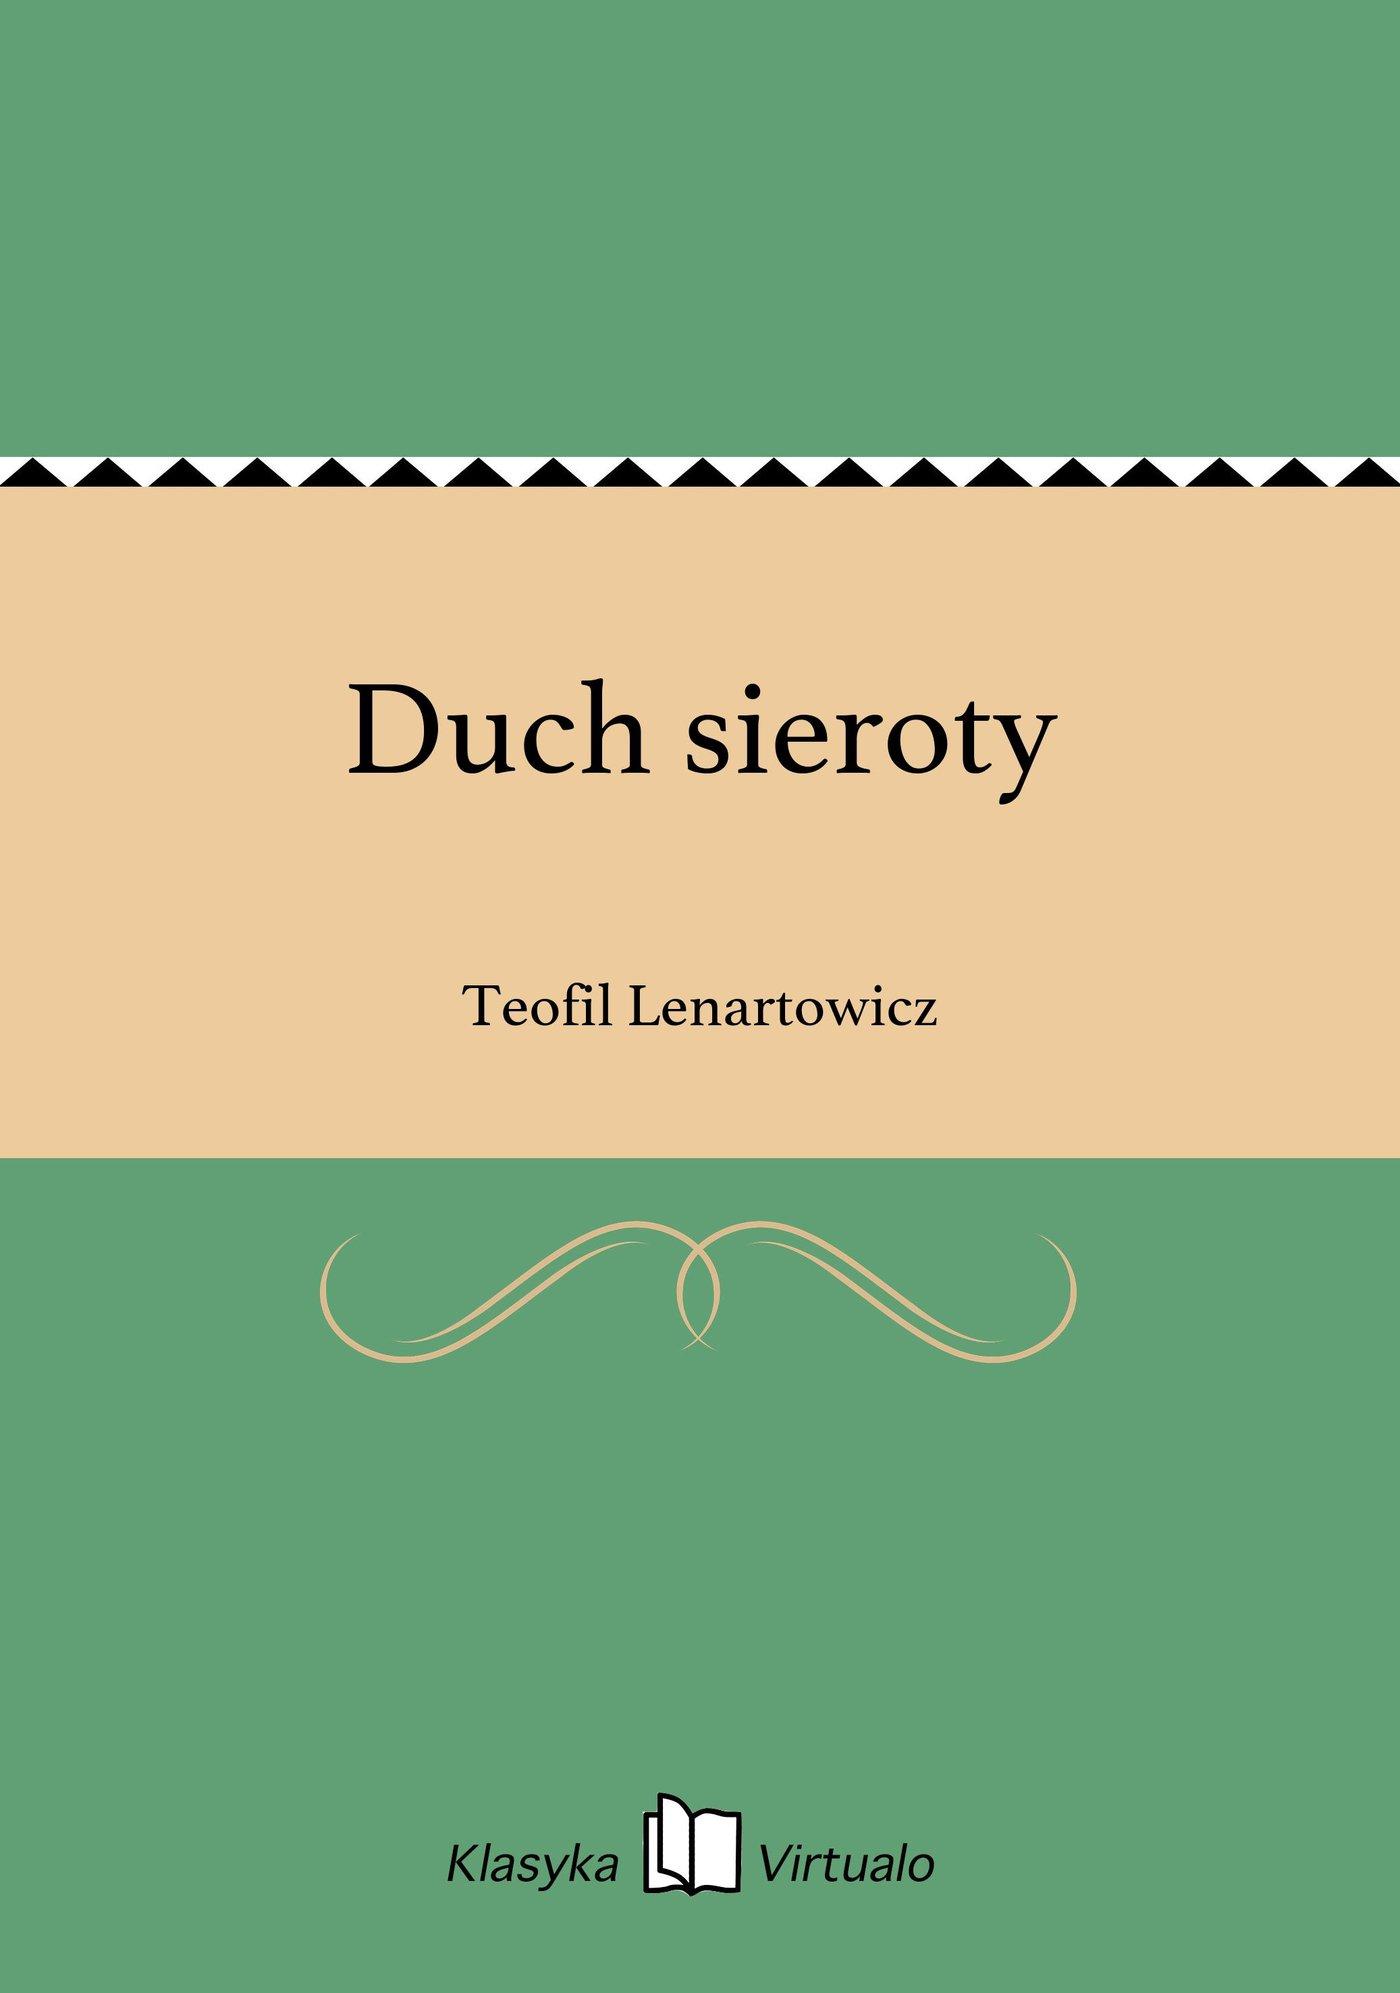 Duch sieroty - Ebook (Książka EPUB) do pobrania w formacie EPUB